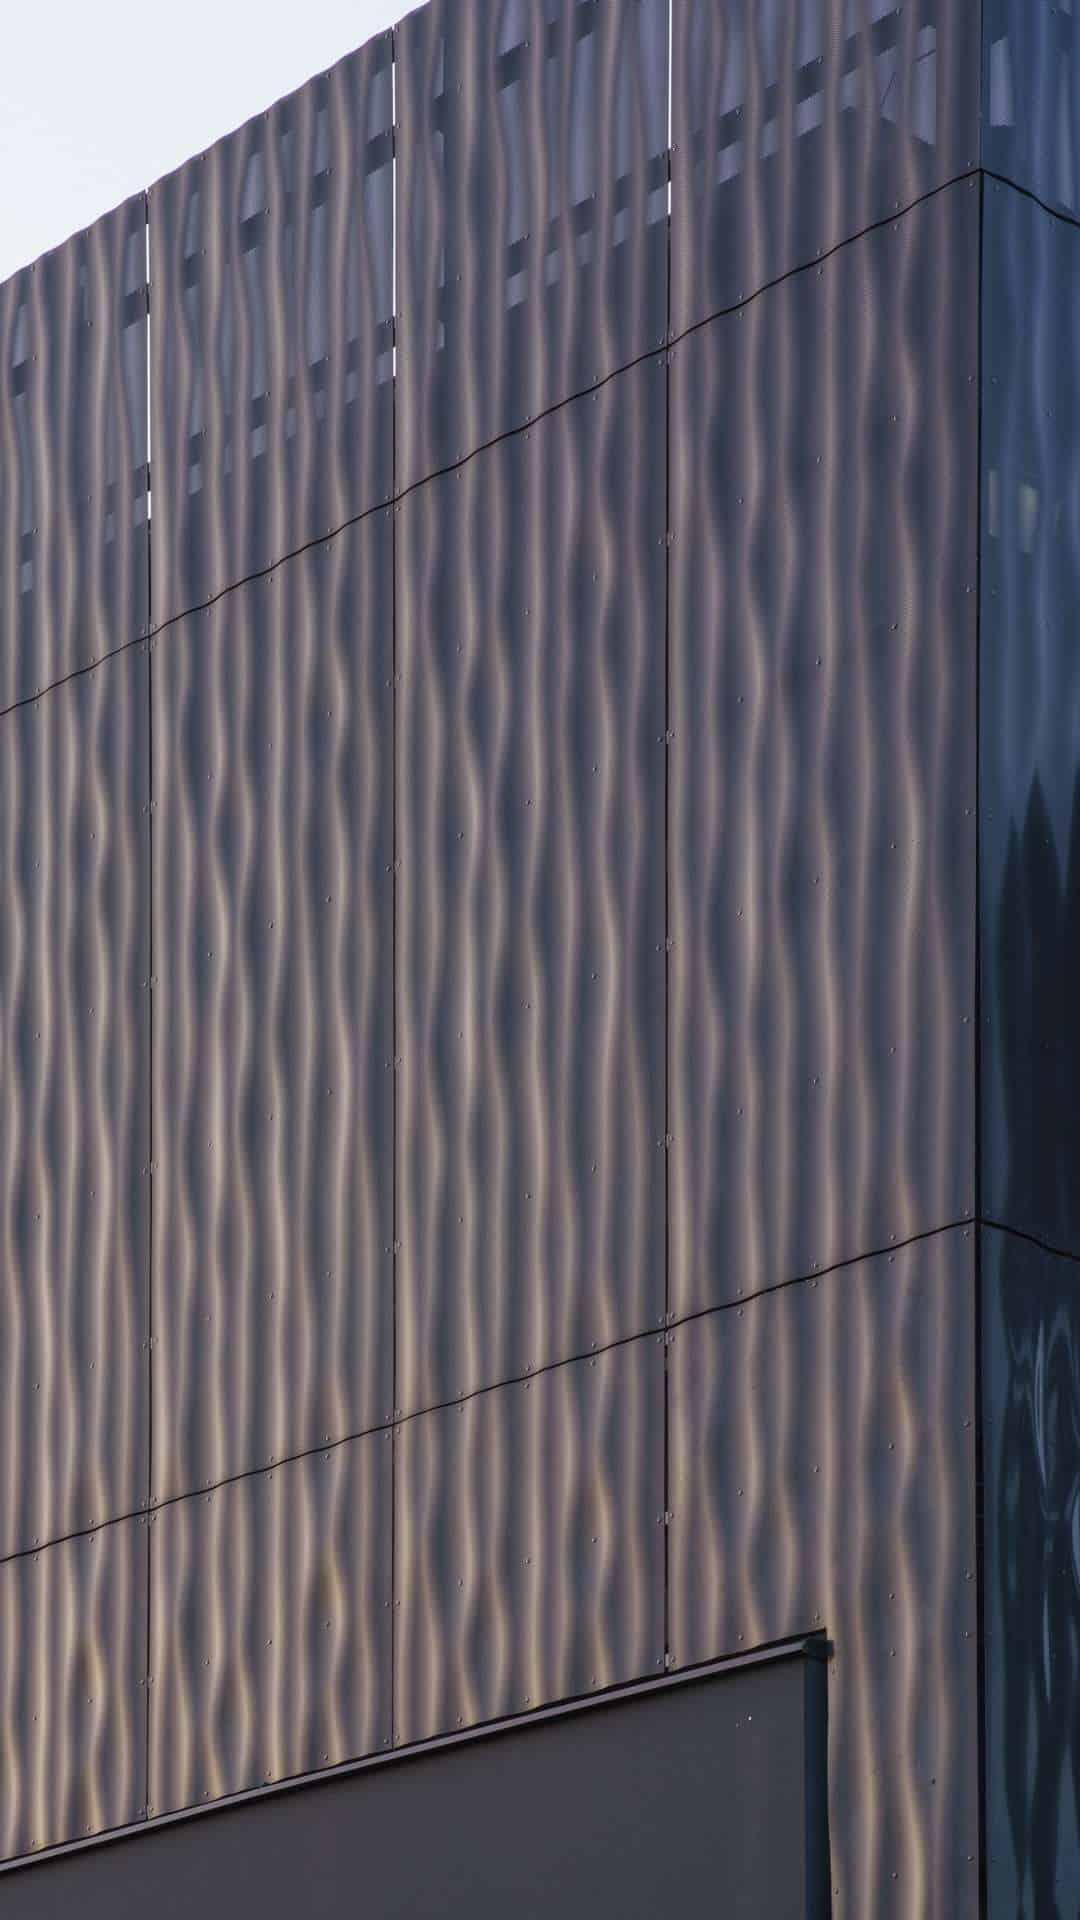 3D Lochblech Fassade